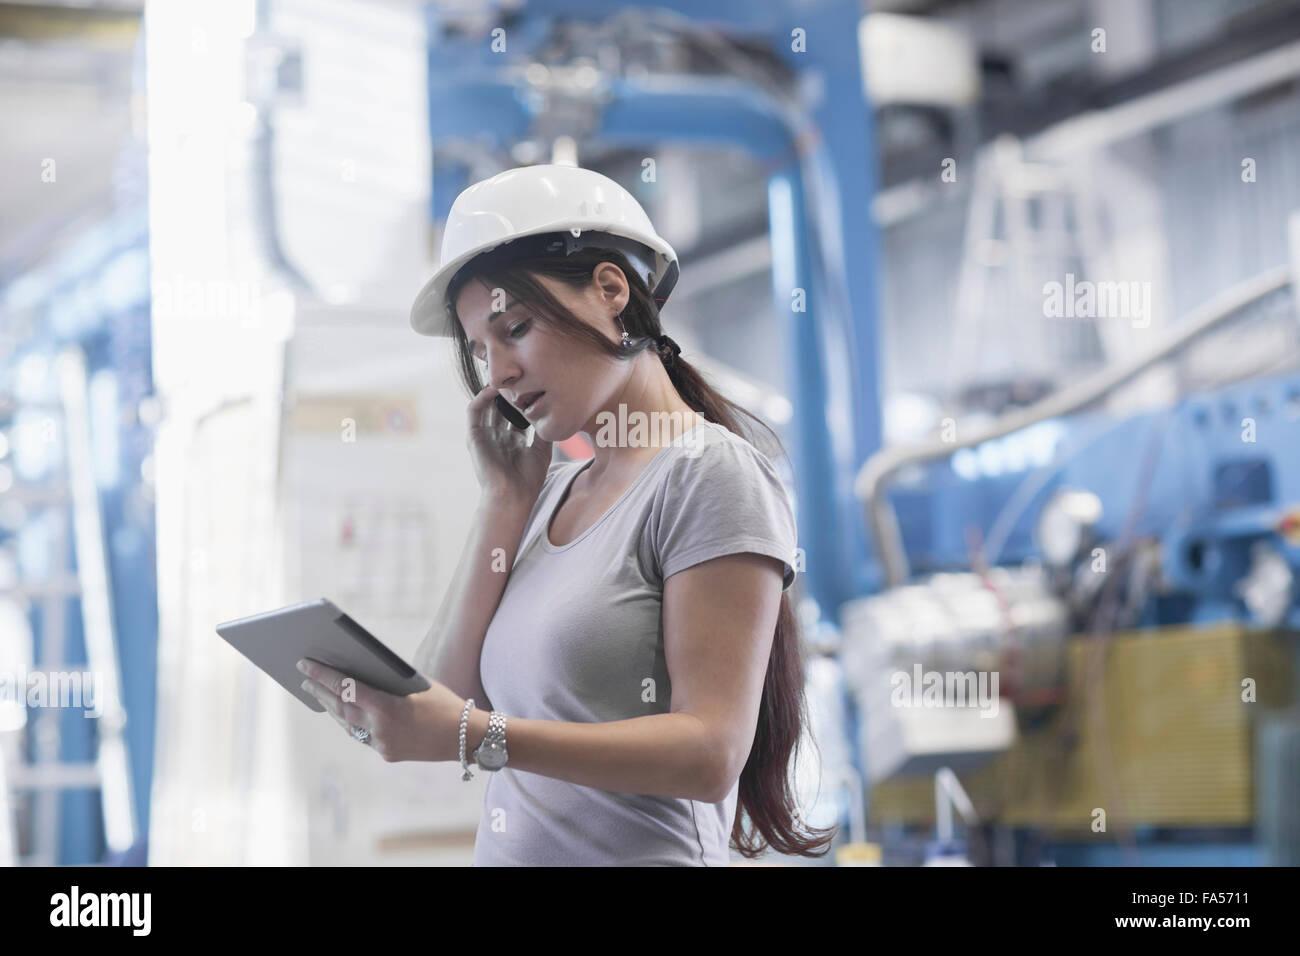 Ingénieur femelle à l'aide d'une tablette numérique et le téléphone mobile dans une installation industrielle, Bade-Wurtemberg, Allemagne Banque D'Images